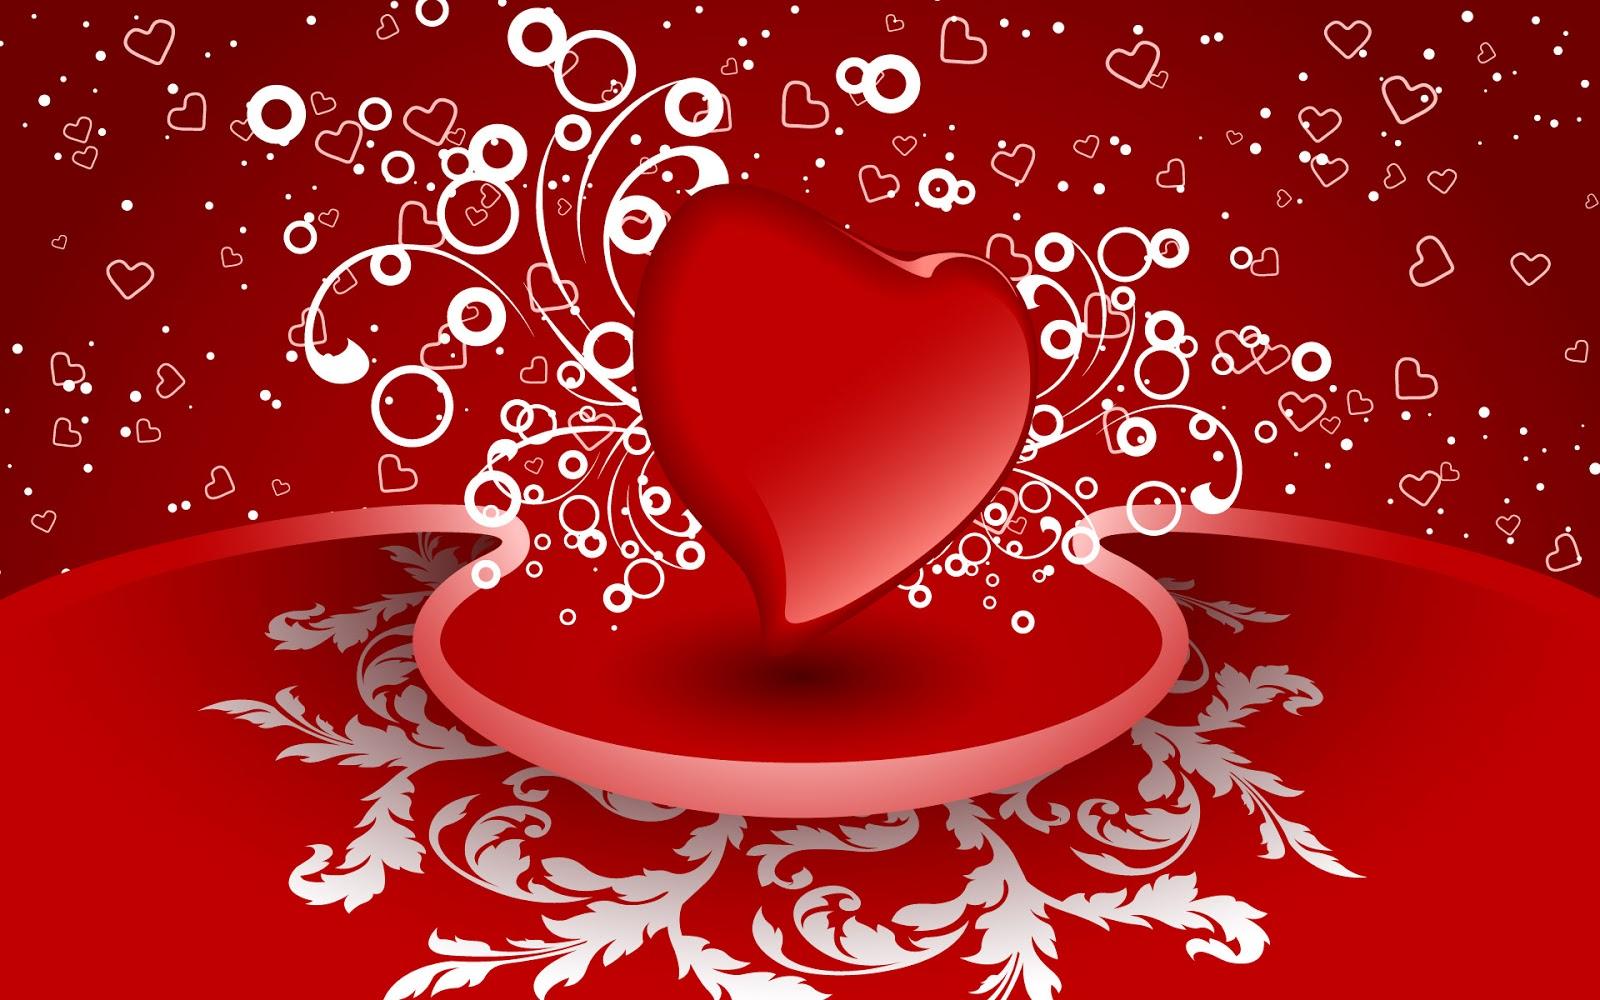 Sejarah dan Mitos Hari Valentine